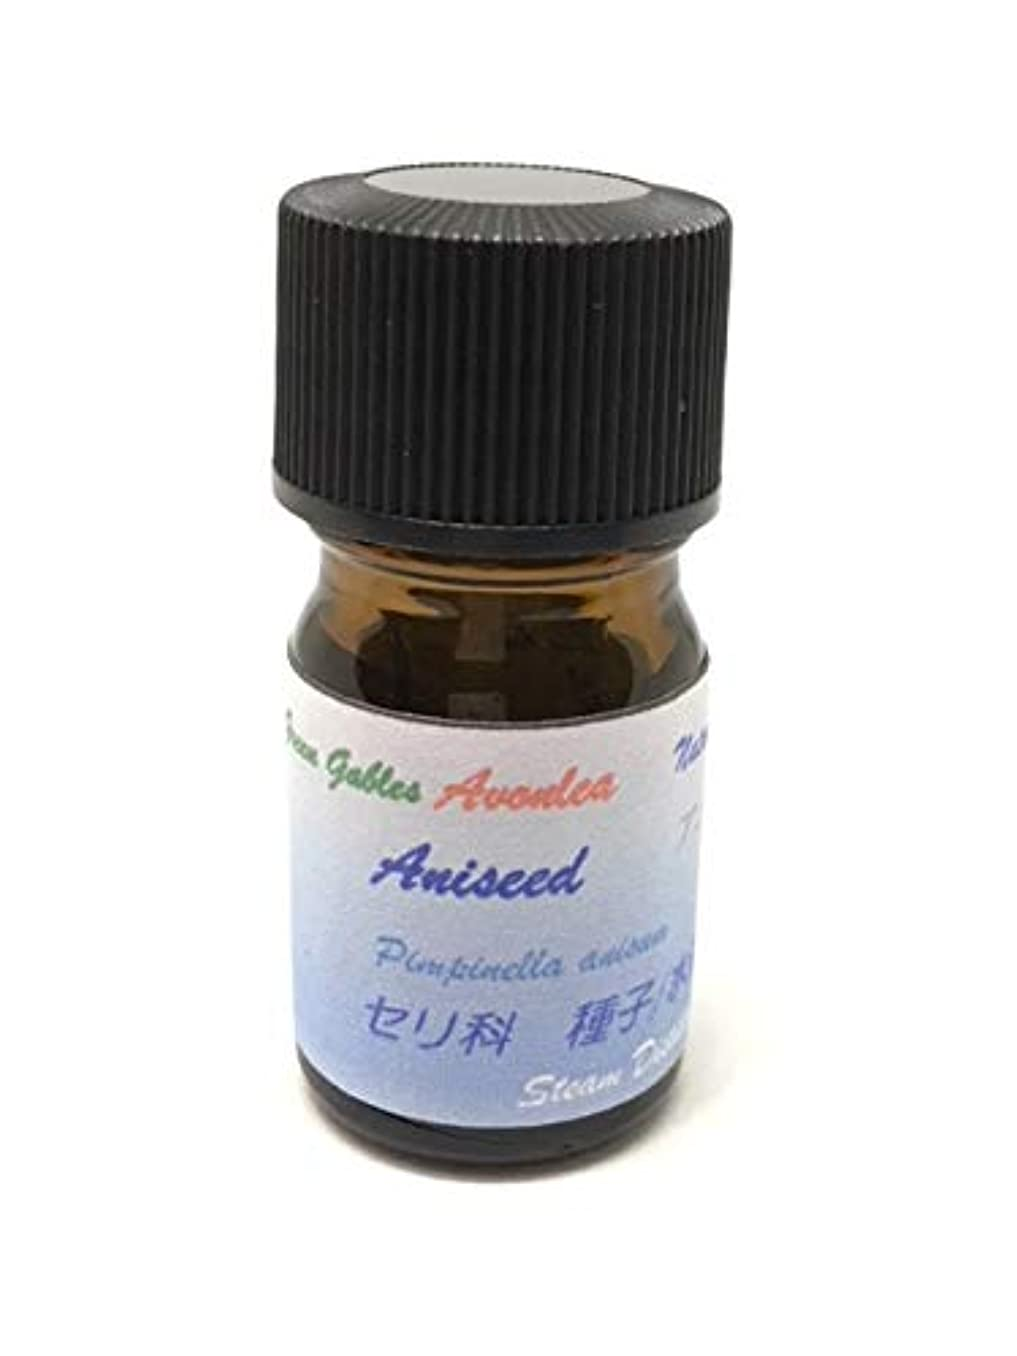 胃目立つ理容師アニシード ピュアエッセンシャルオイル 15ml Aniseed